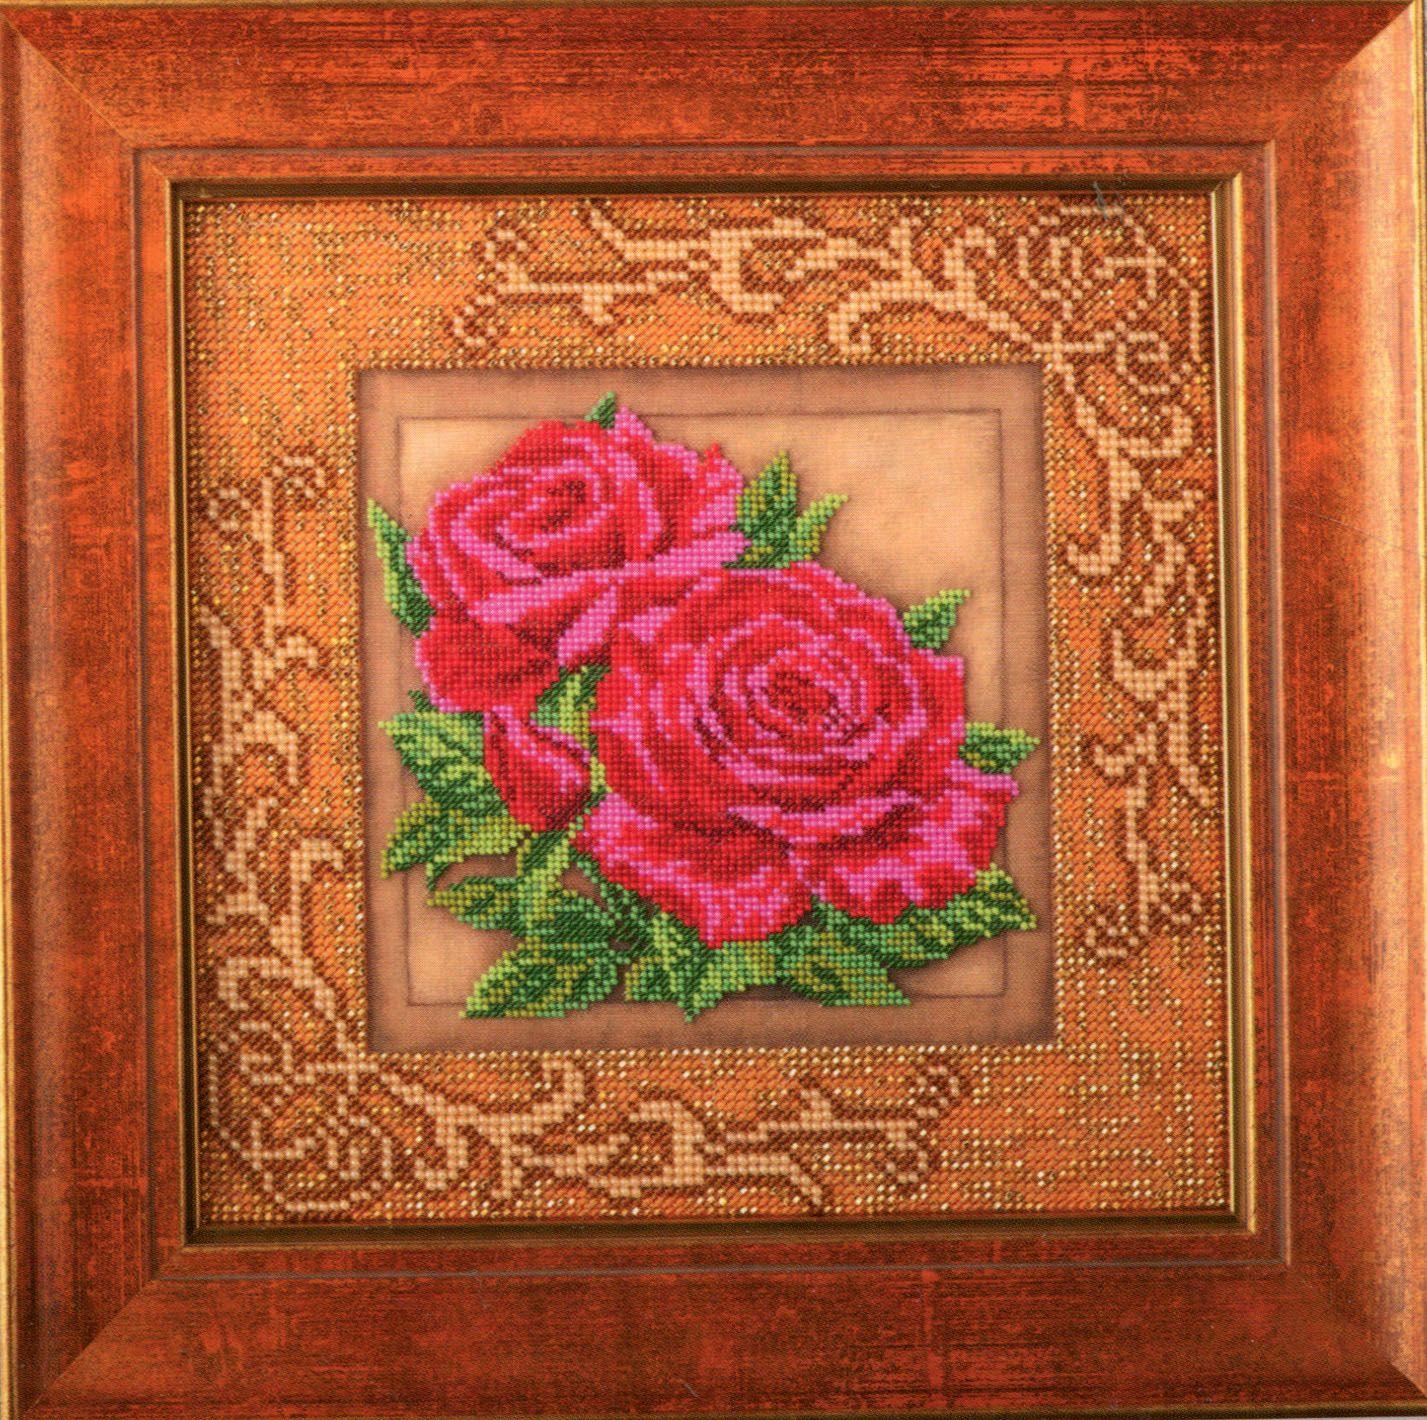 В411 Набор для вышивания бисером 'Кроше' 'Роскошные розы', 20,5x20,5 см